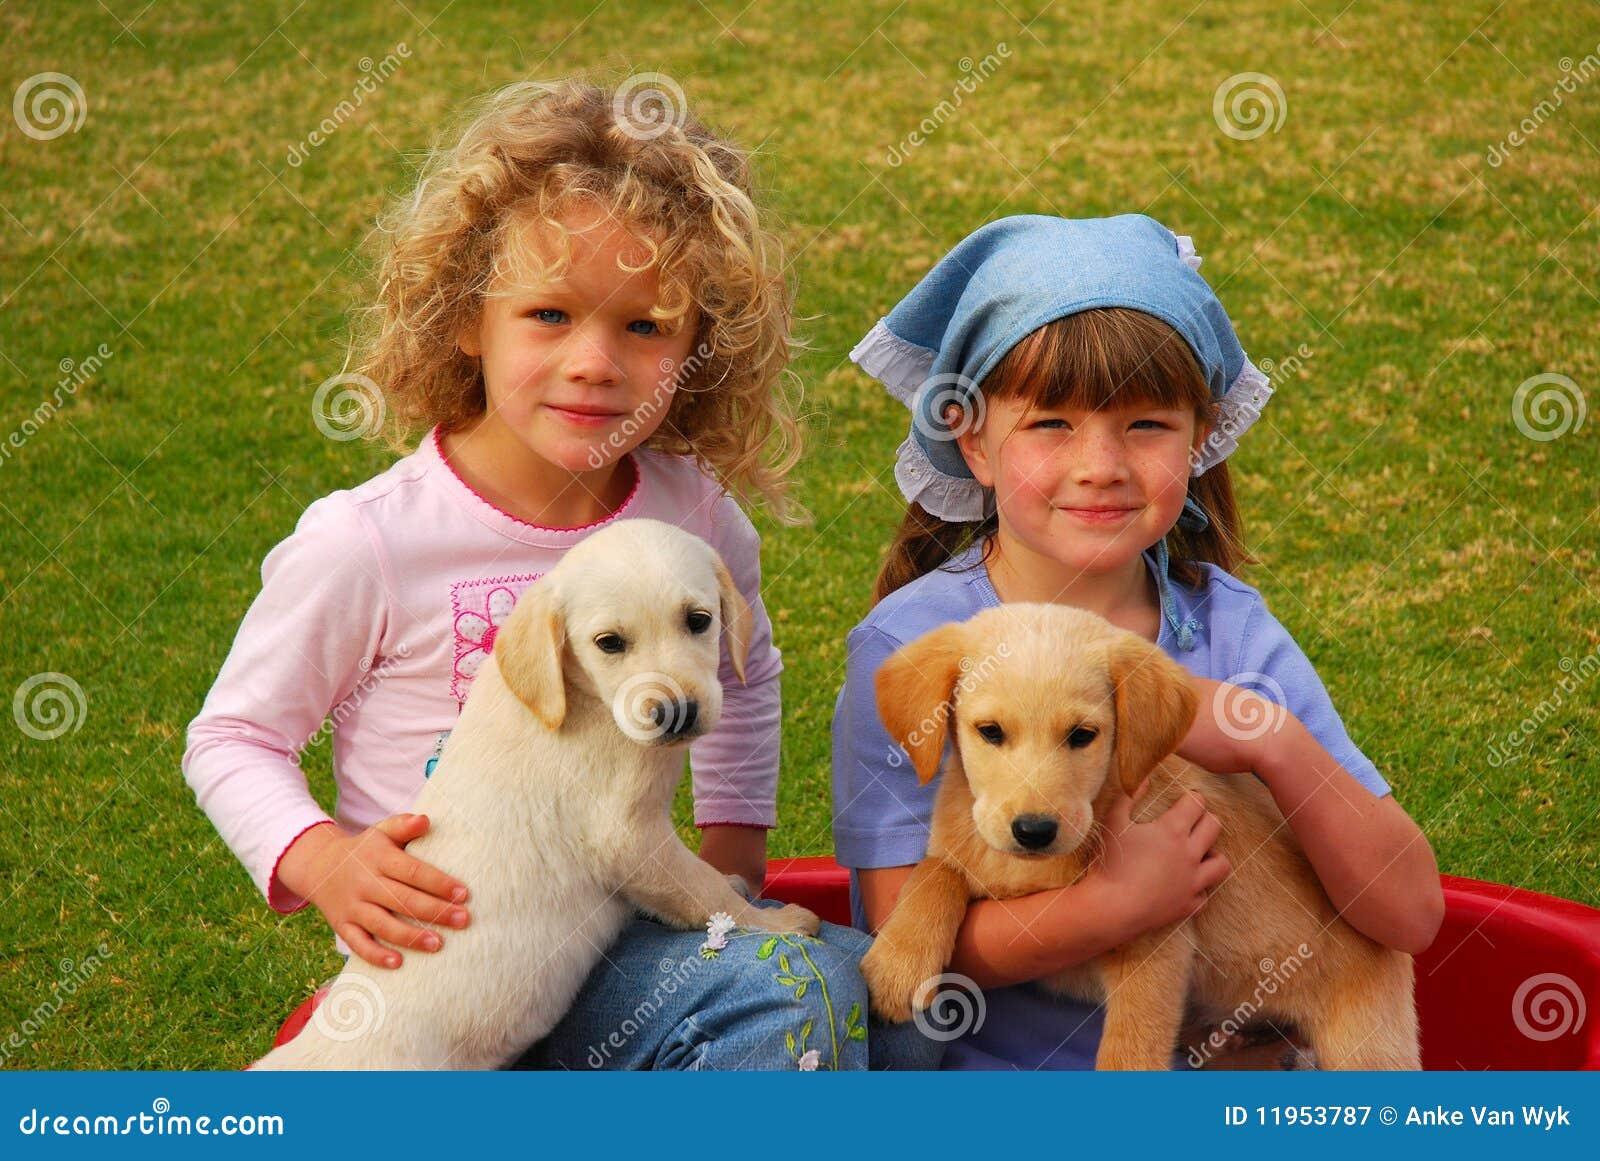 Kinder mit Welpen